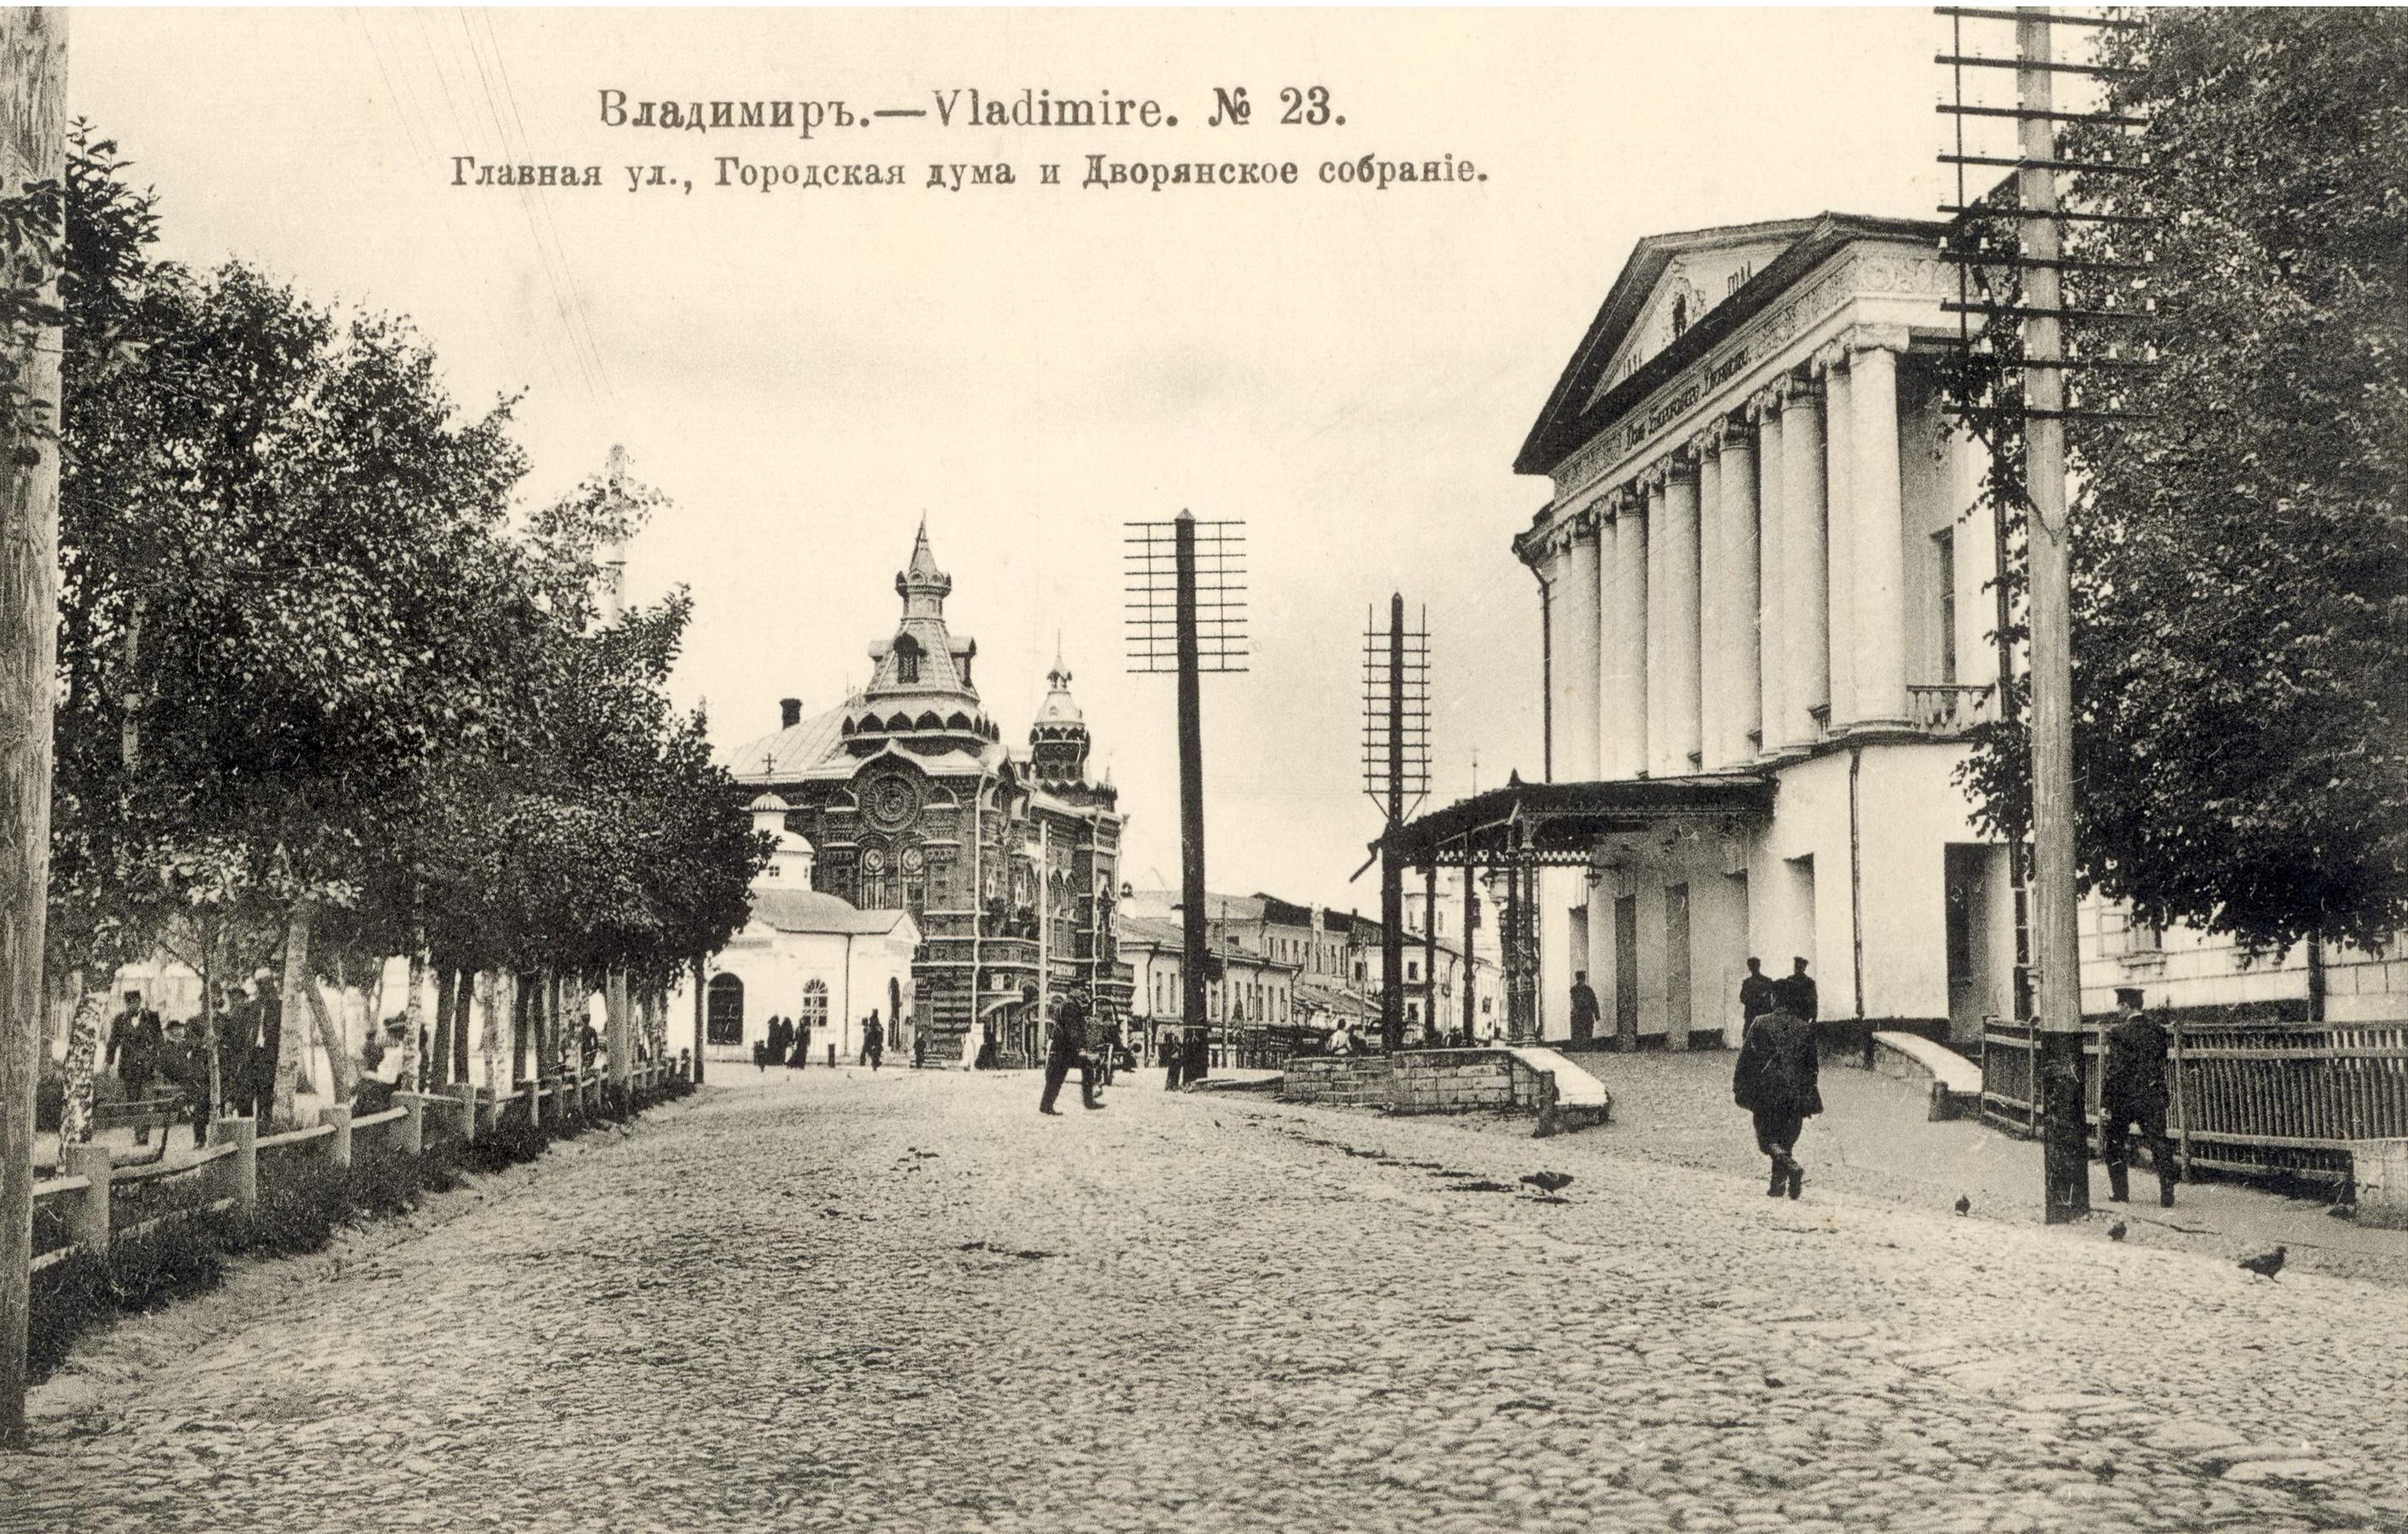 Главная улица, Городская дума и Дворянское собрание